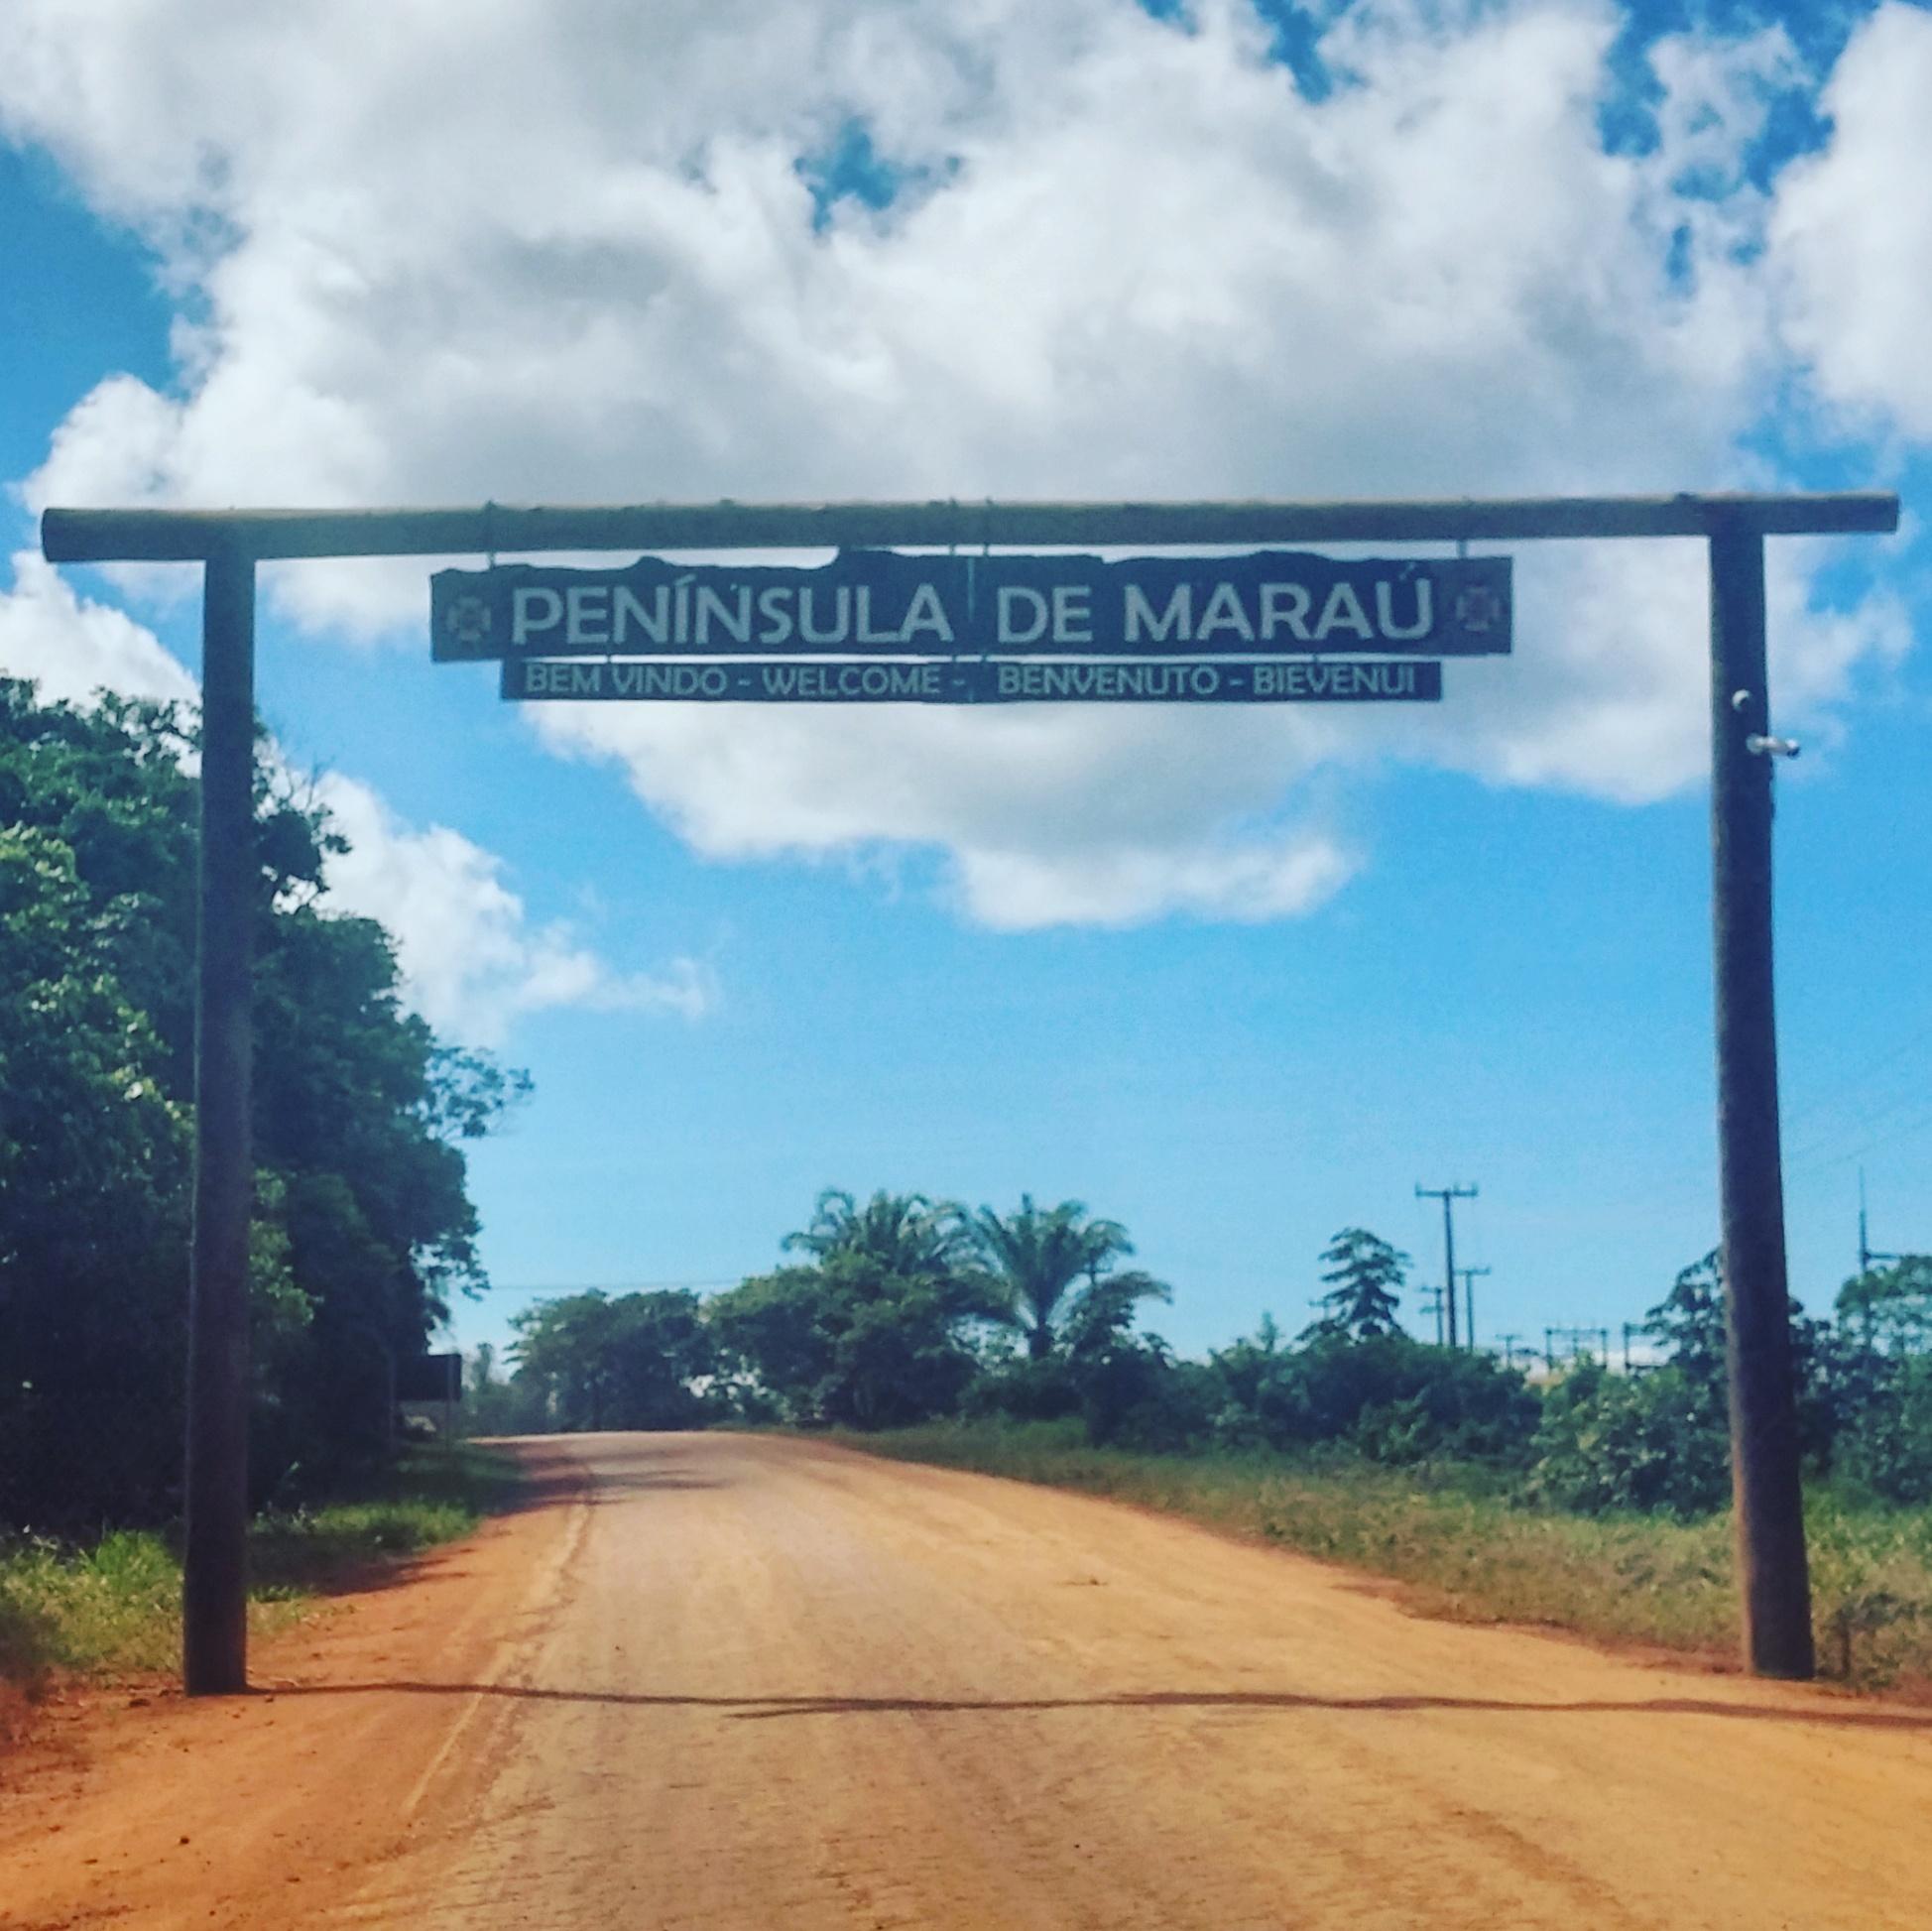 Entrada da Península de Maraú - BA, by Luciana de Paula, 2016